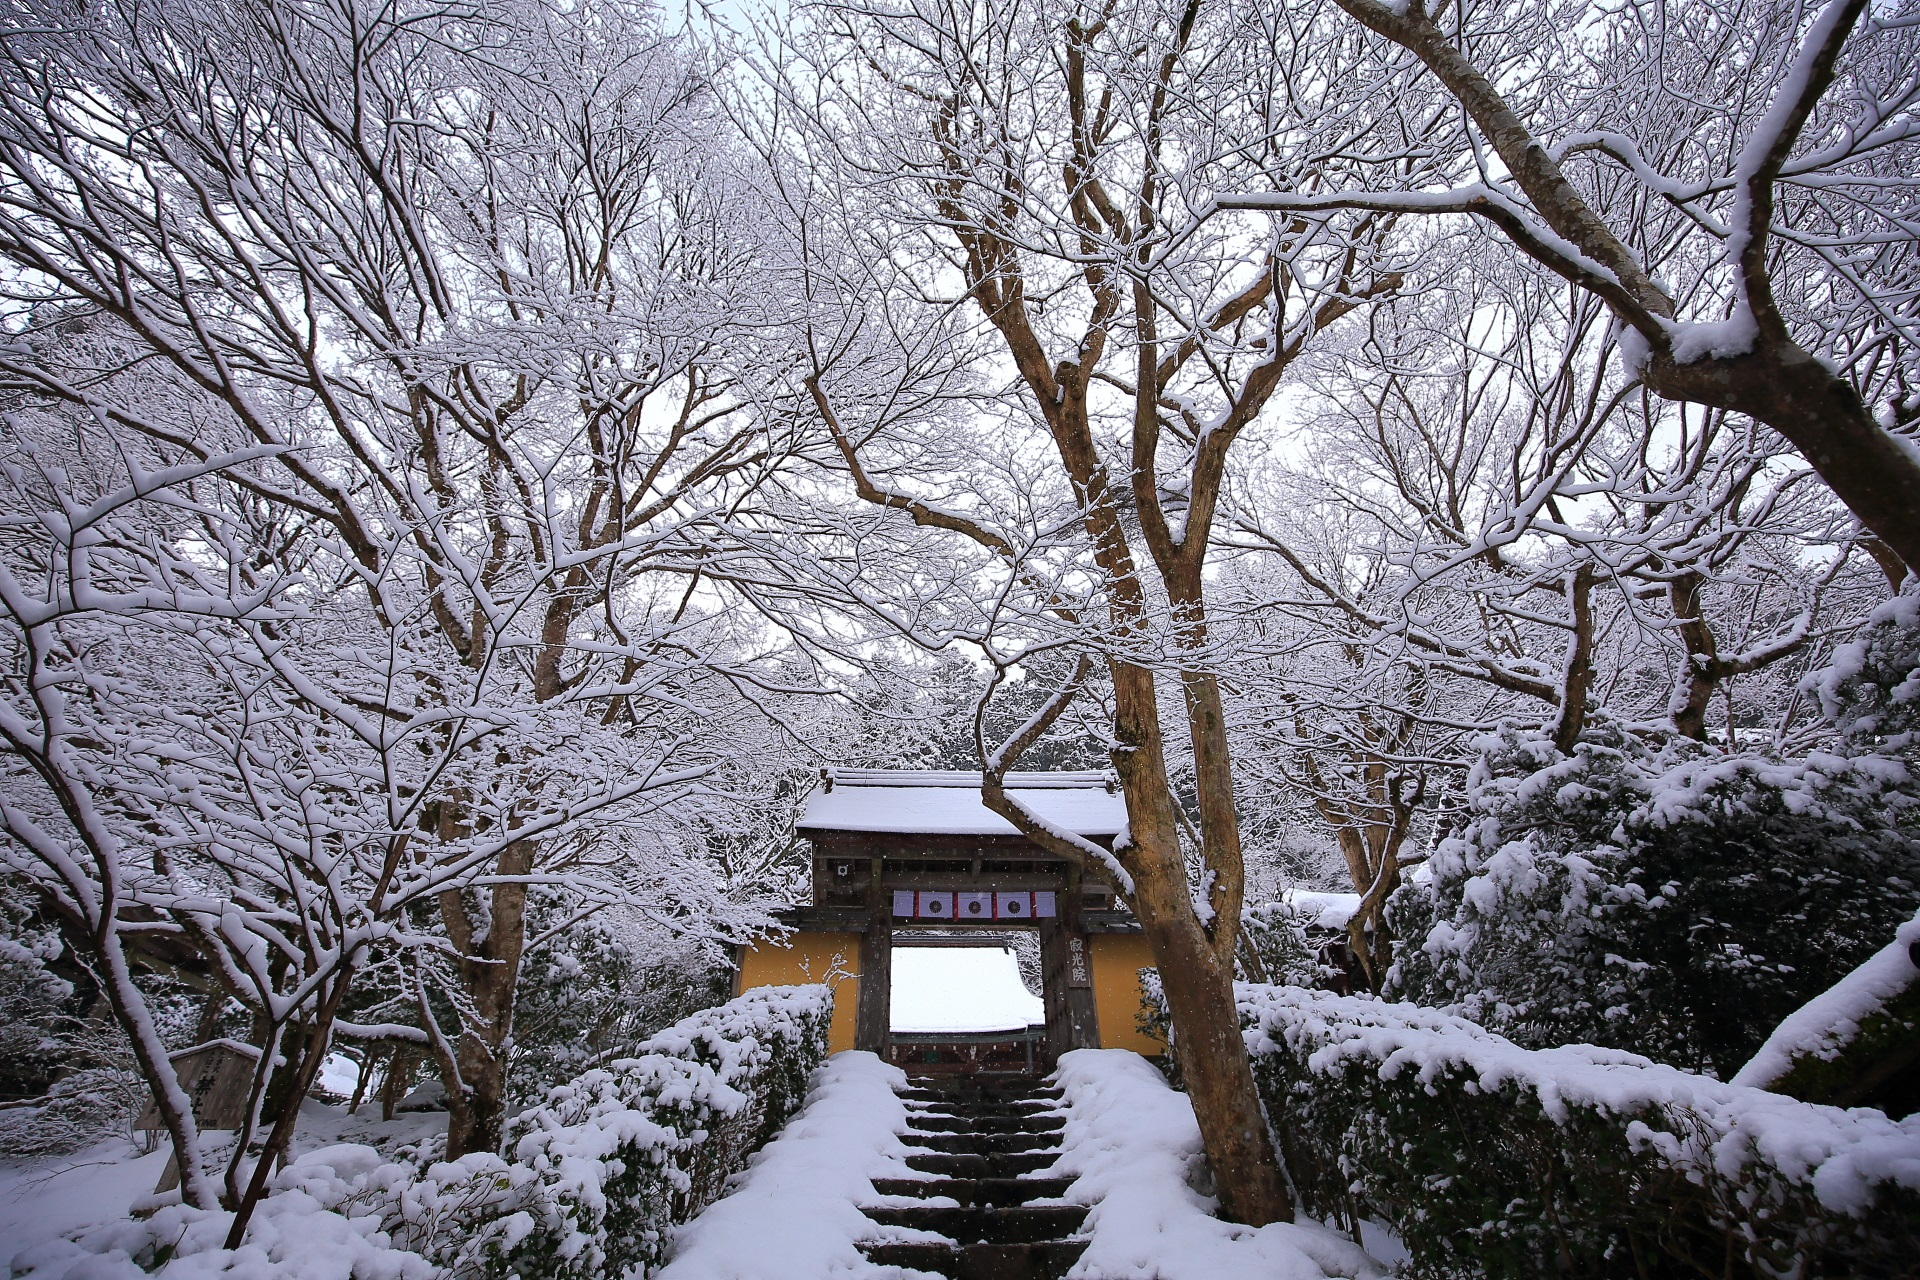 石段の中段から眺めた寂光院の雪景色